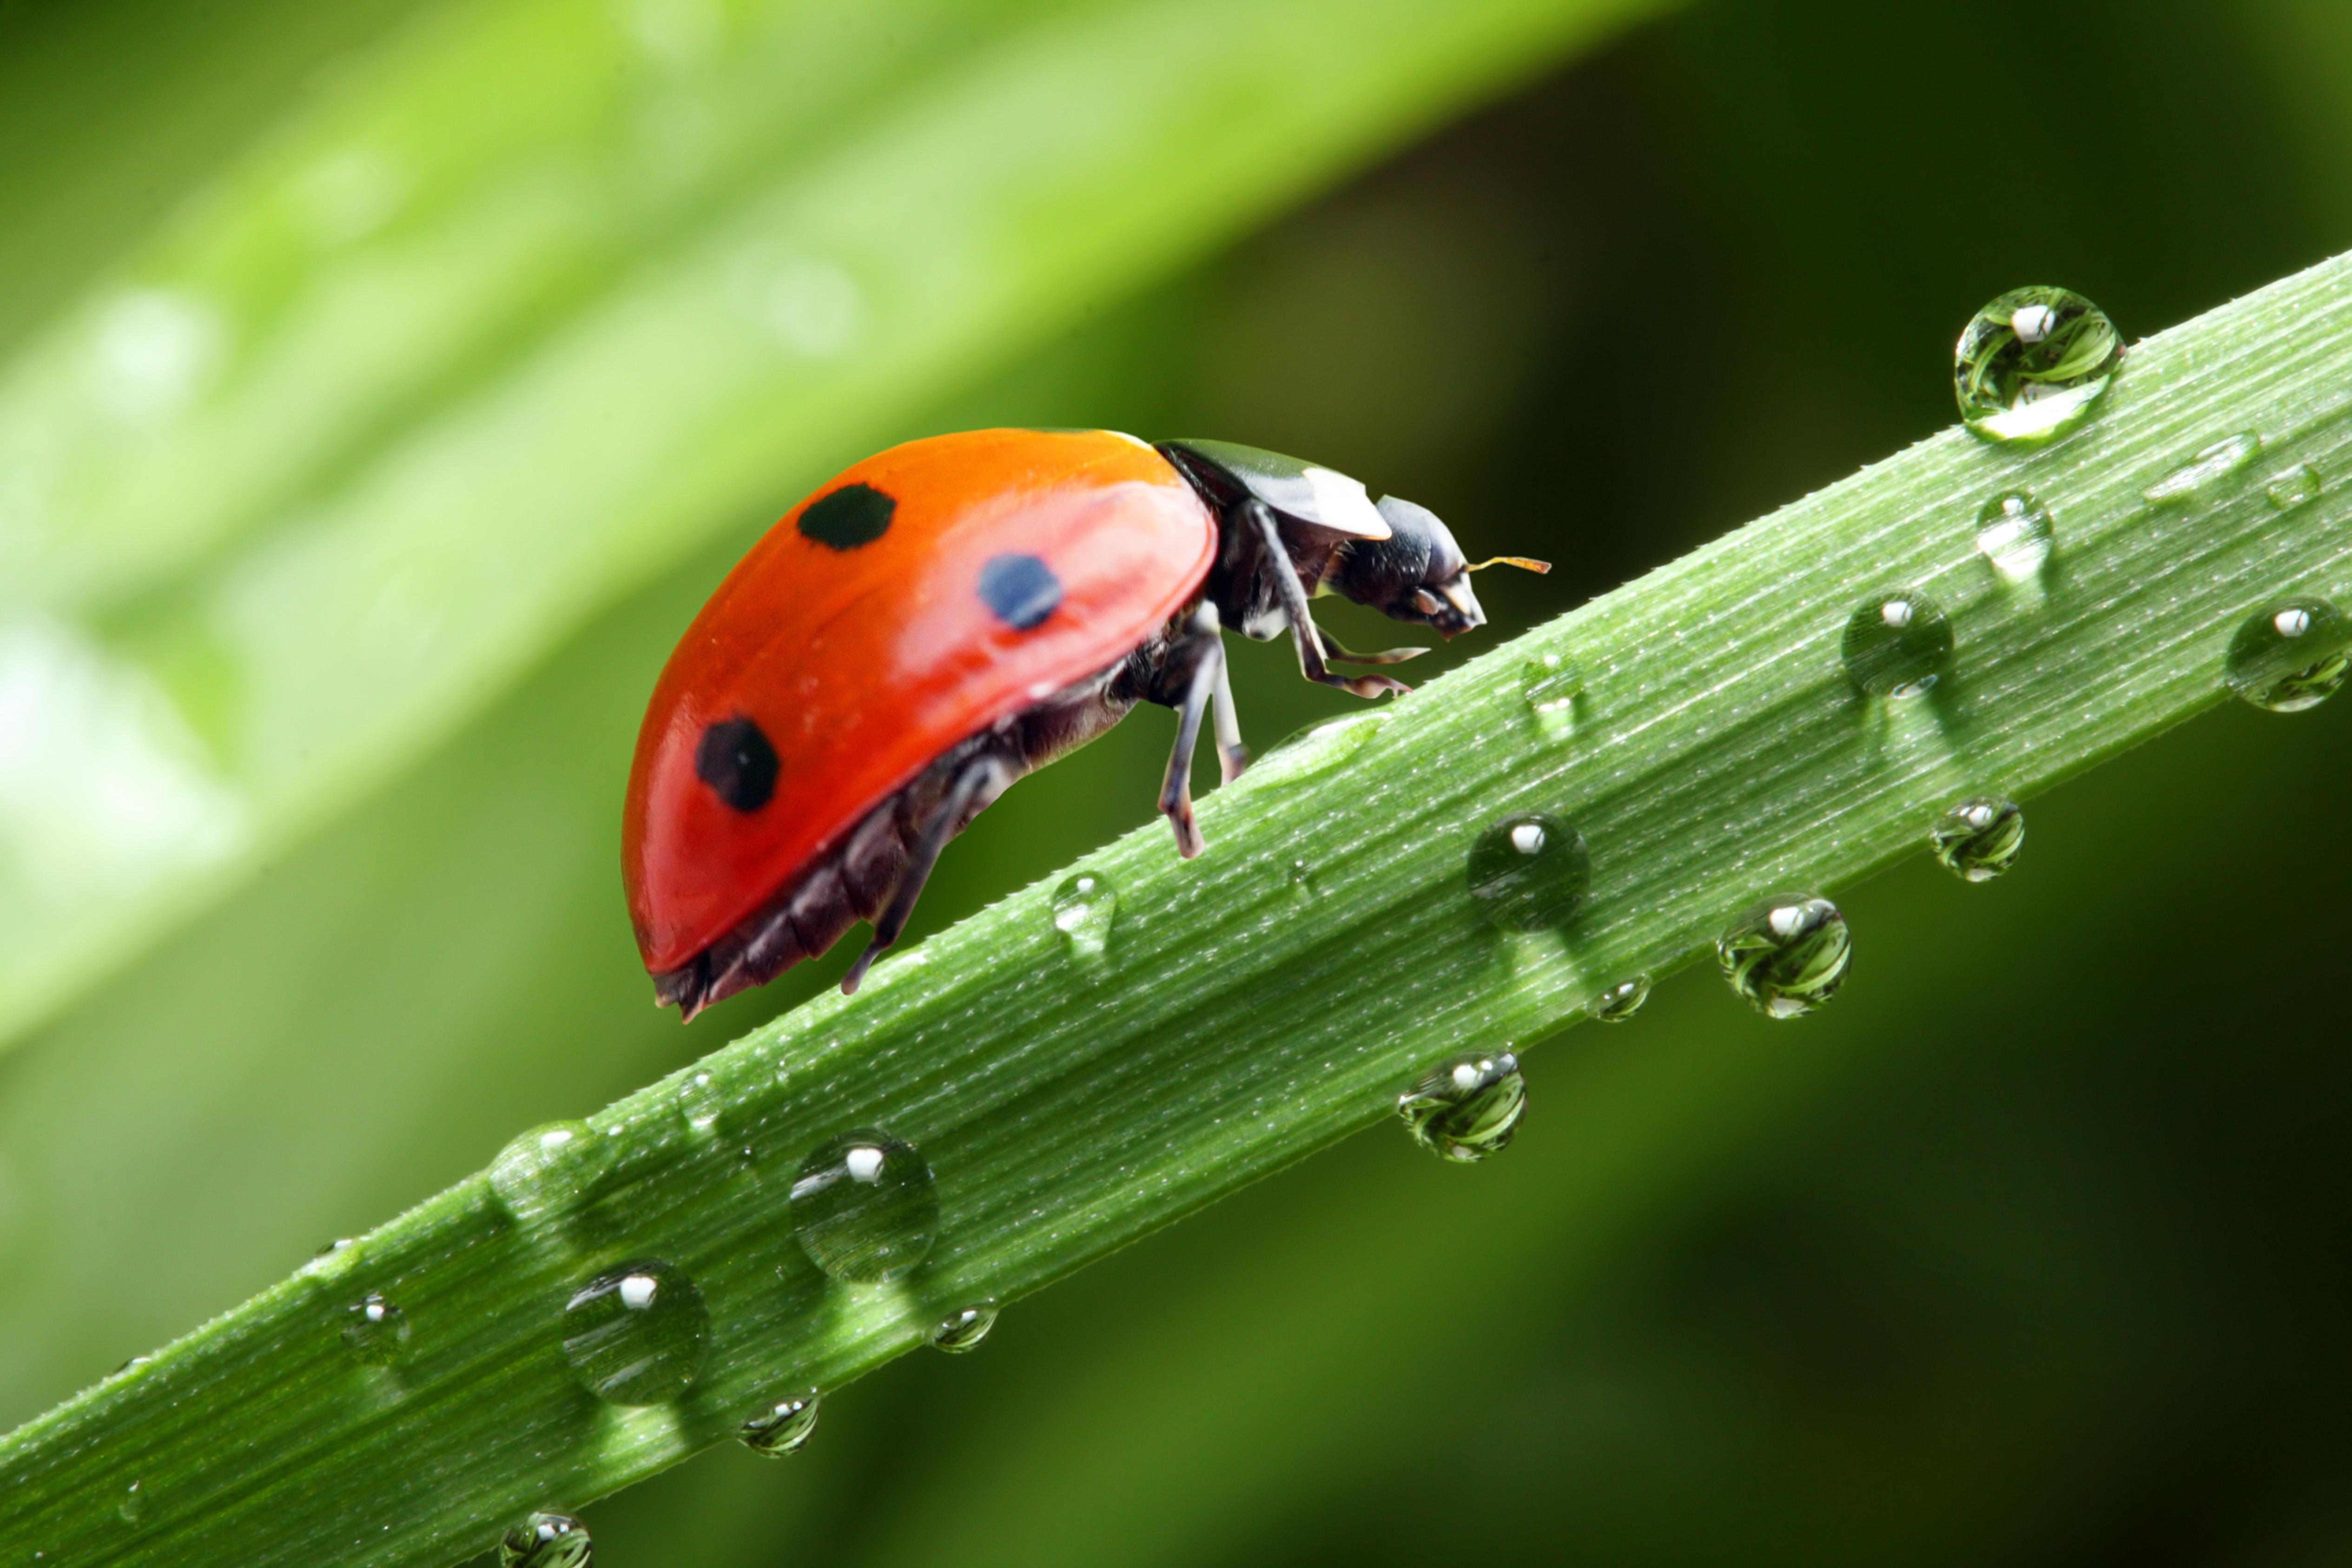 ,瓢虫,特寫,微距攝影,水滴,動物,